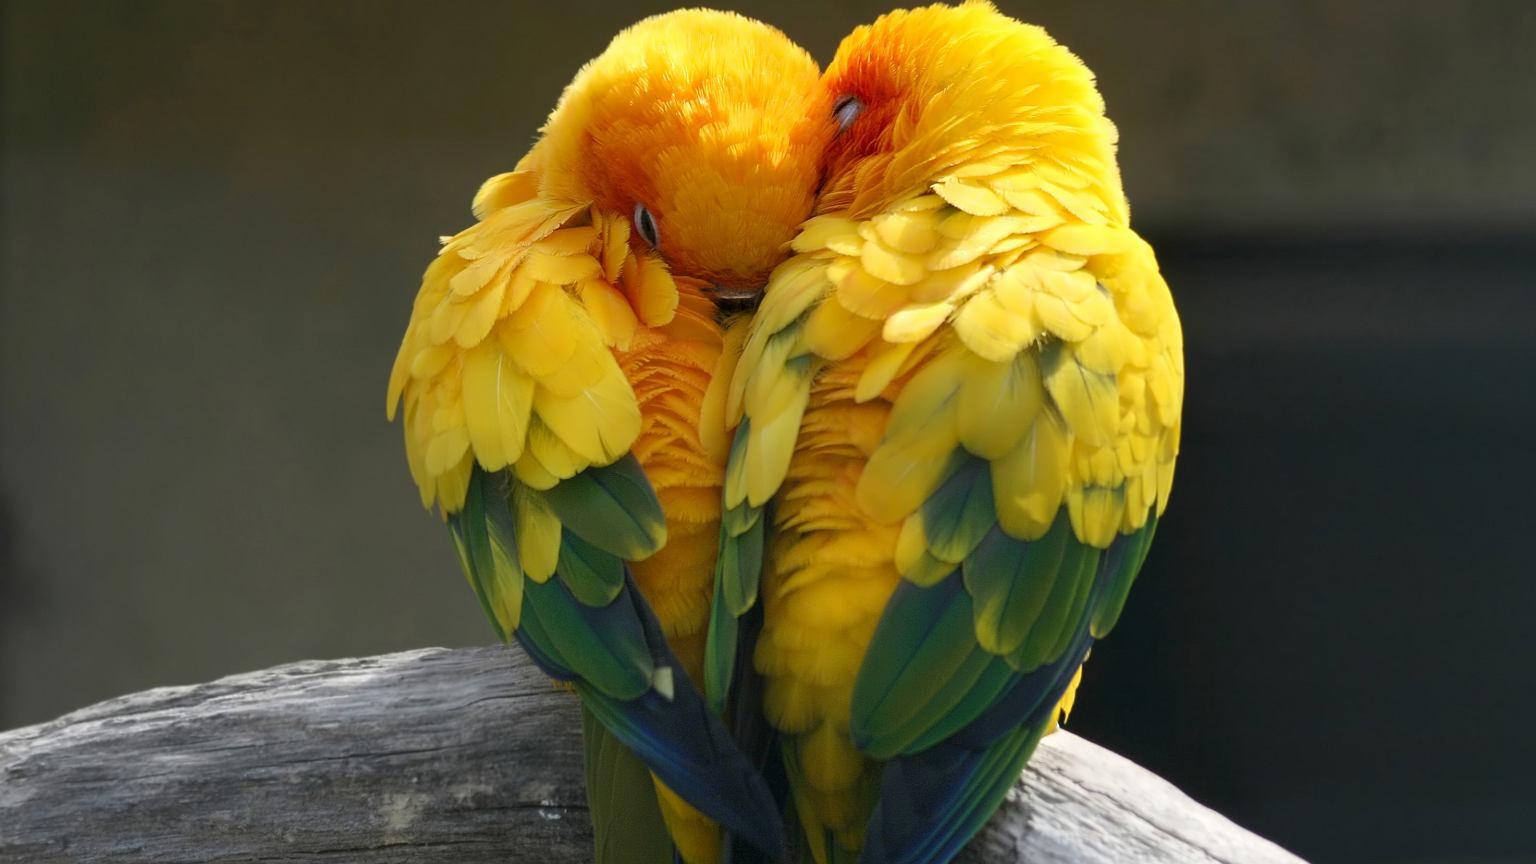 Obserwując miłosne związki zwierząt, można by nakręcić 'Modę na sukces'